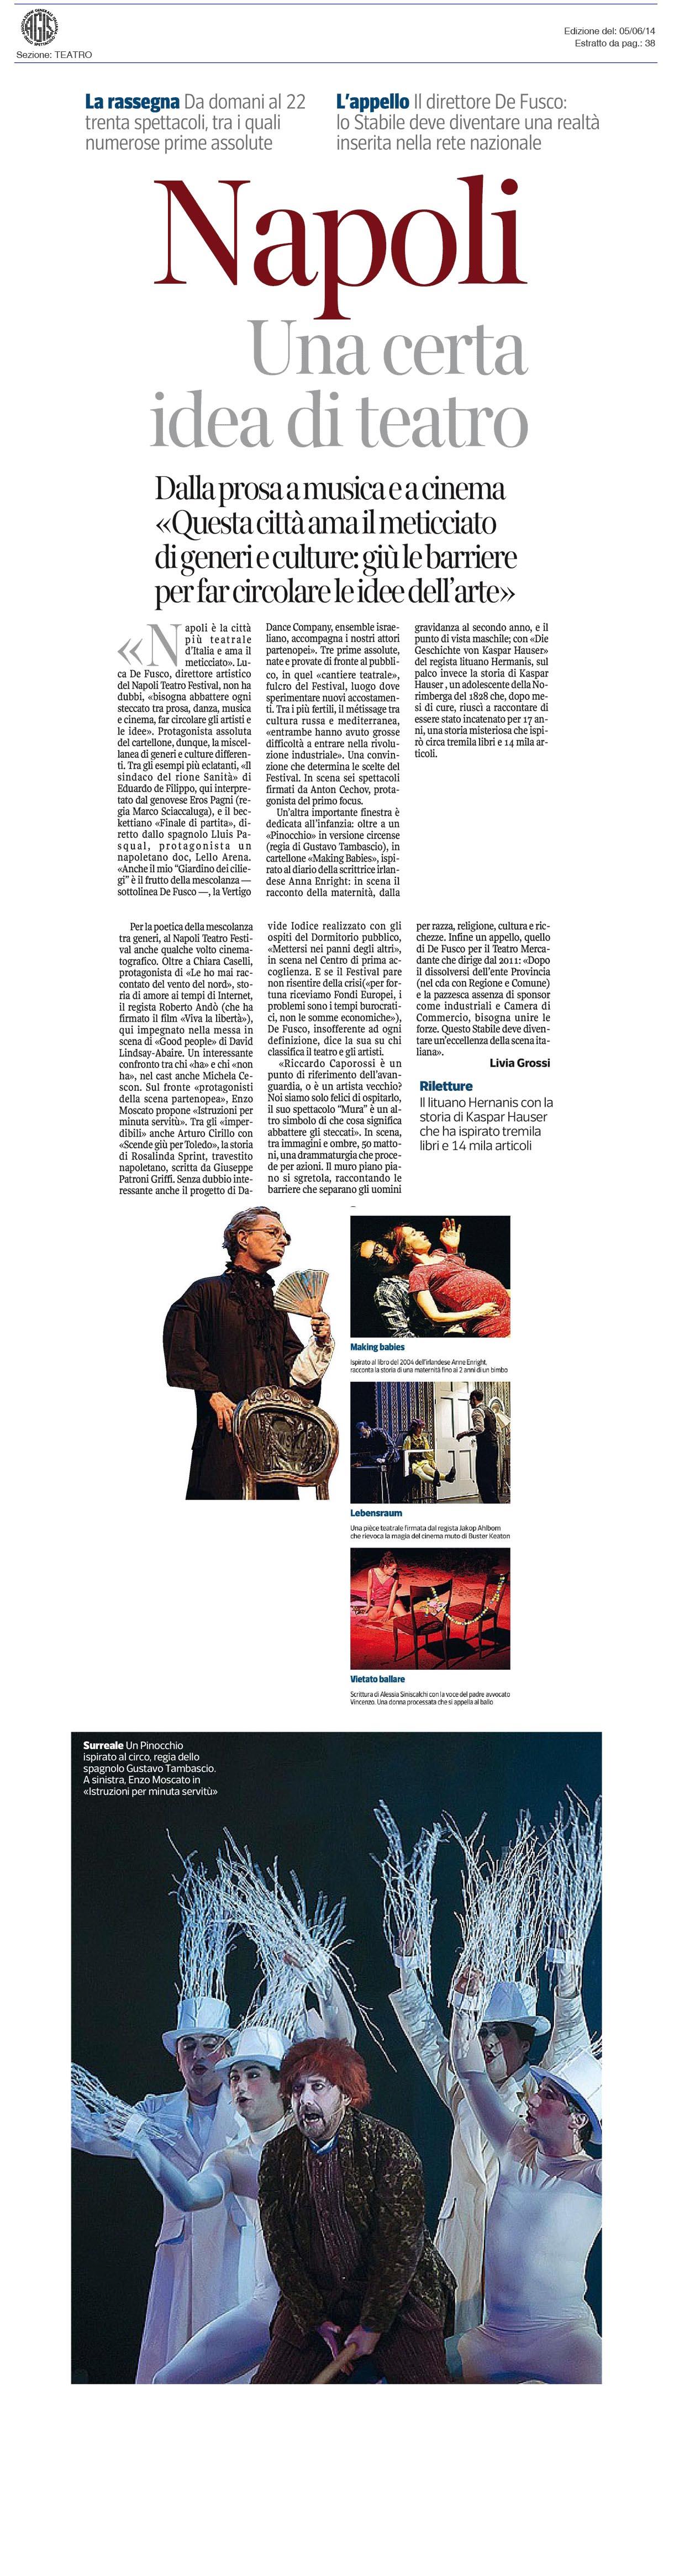 2014.06.05 Napoli una certa idea di teatro - Corriere della Sera